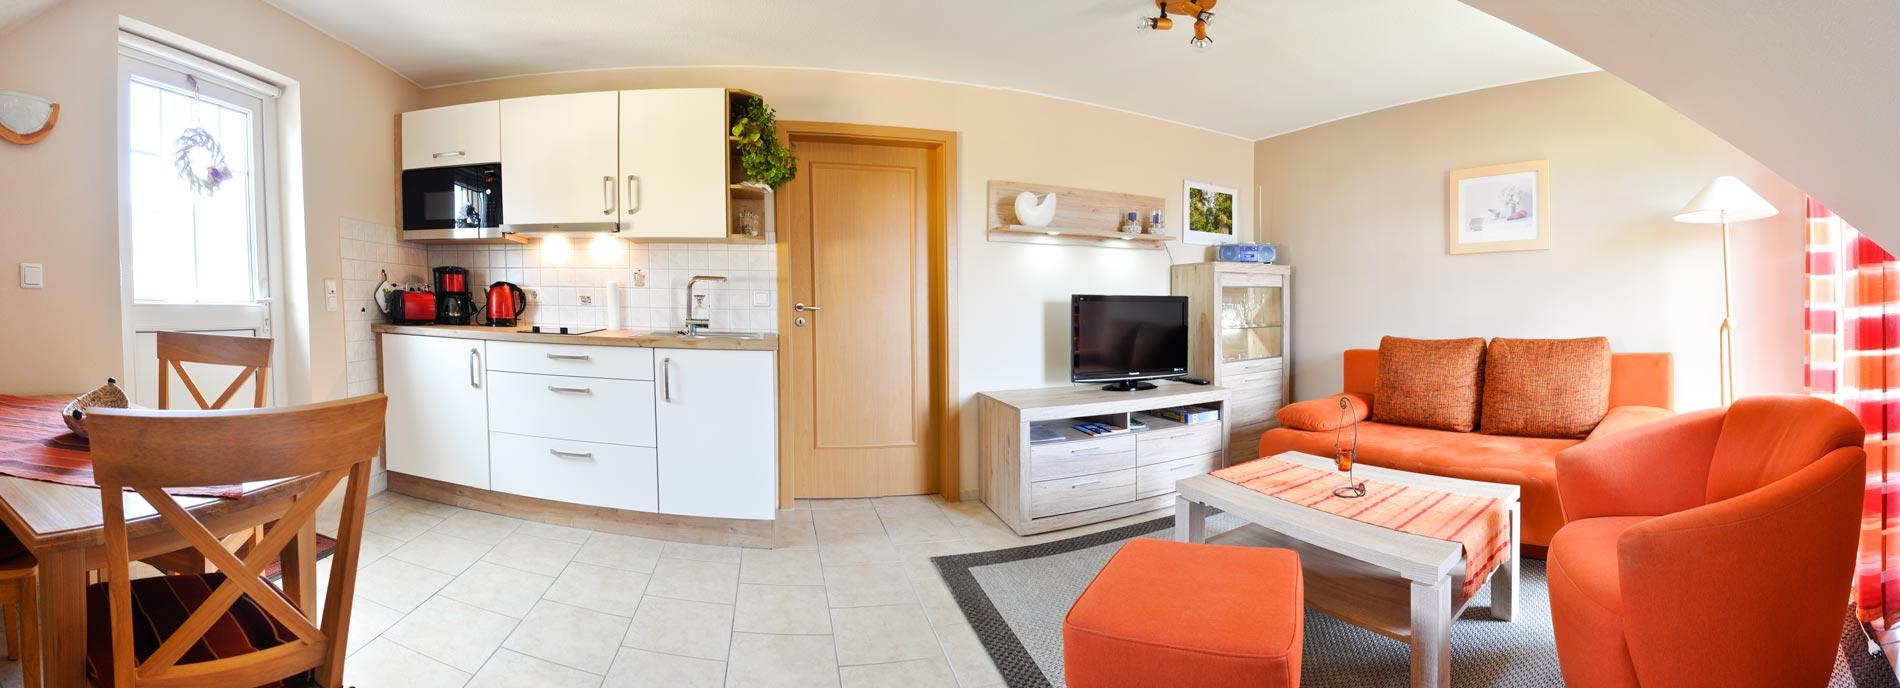 panorama-ferienwohnung-wohn-kueche2small